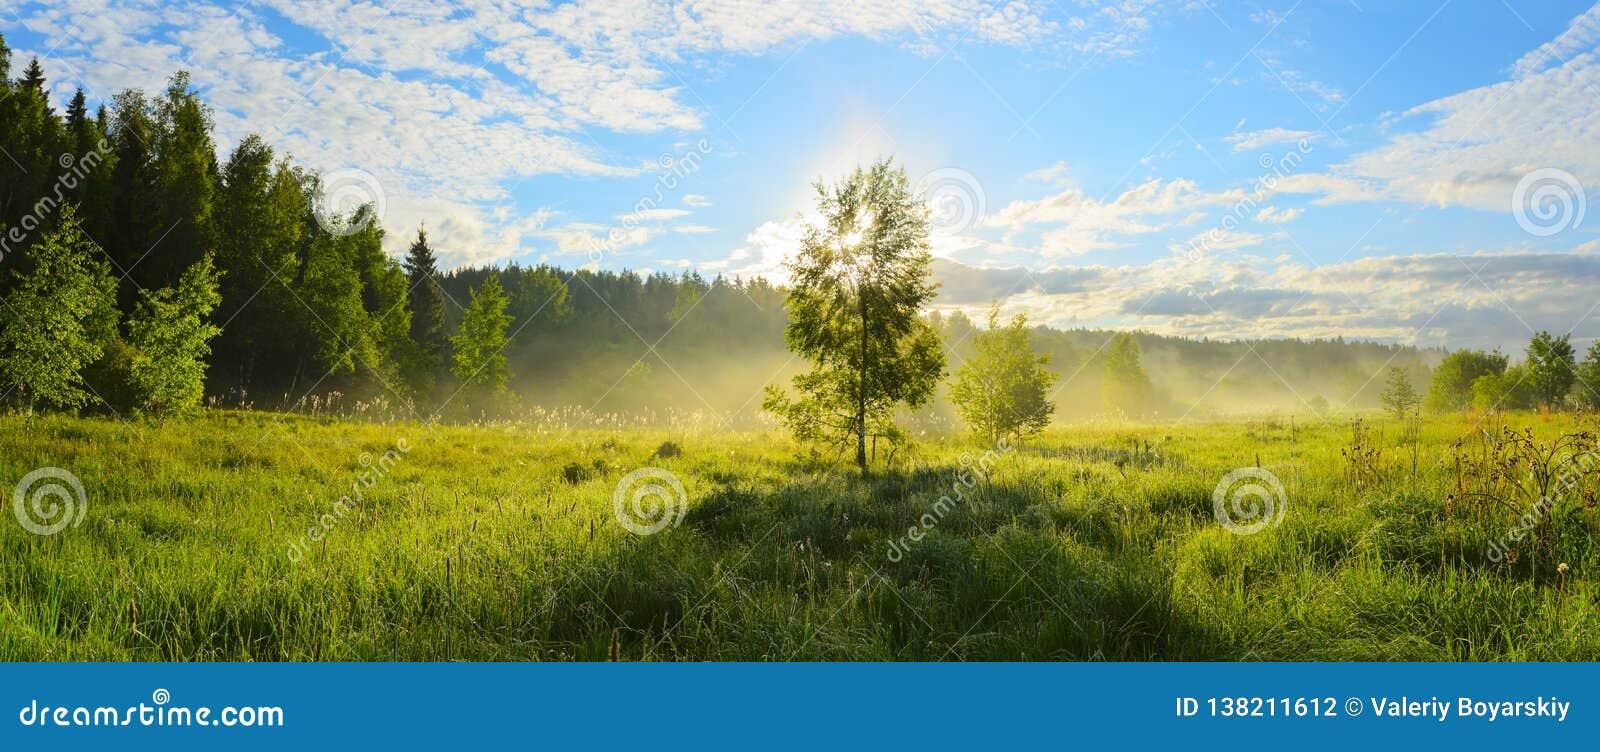 Solig panorama av dimmig gräsmatta med det ensamma växande björkträdet på en bakgrund av soluppgånghimmel